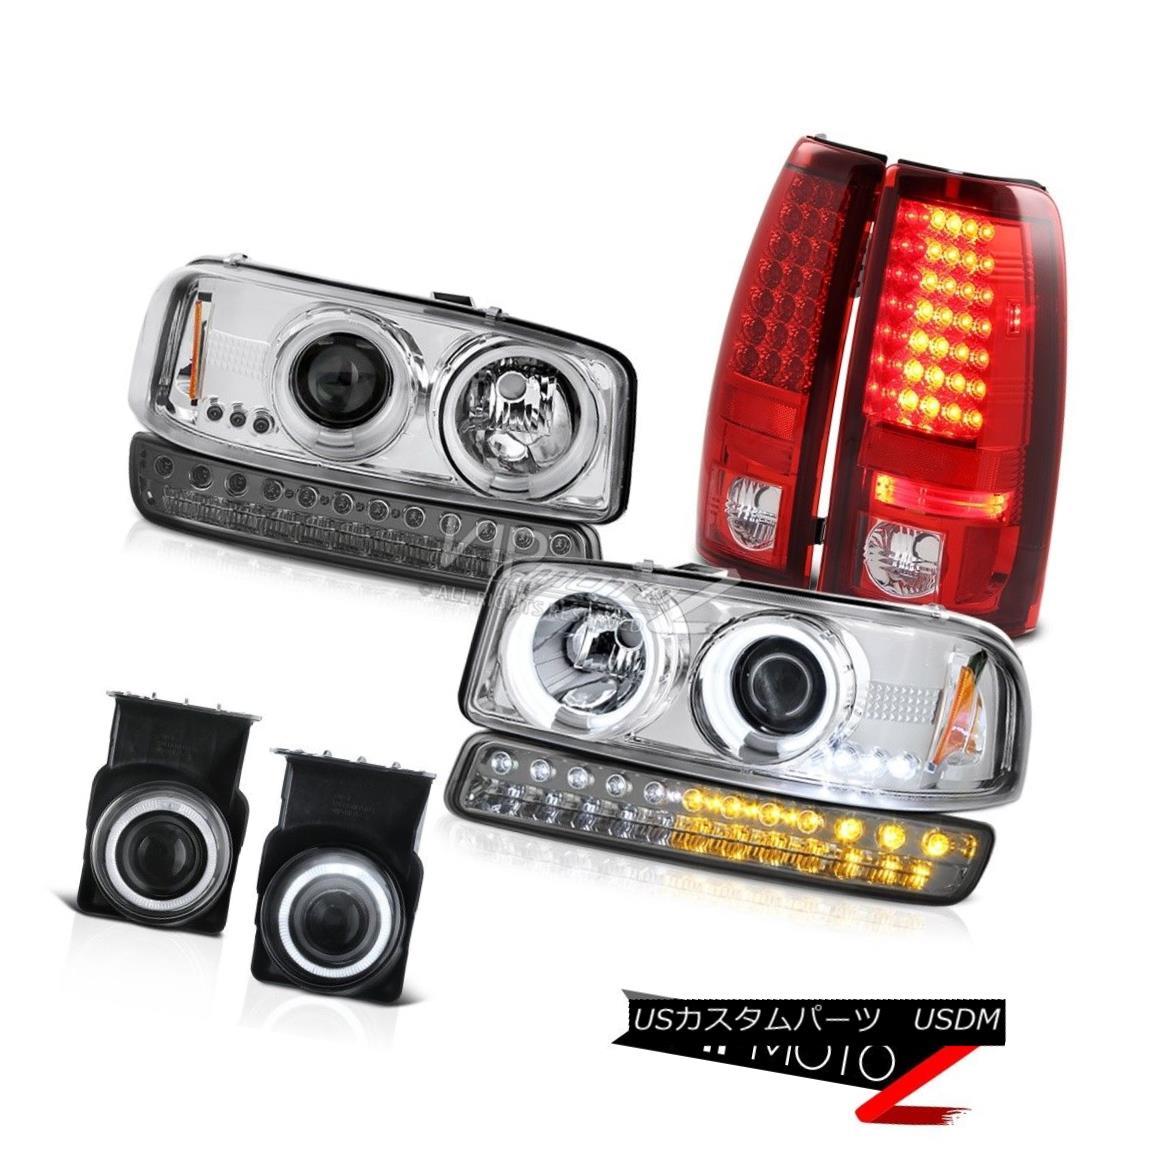 テールライト 03-06 Sierra 1500 Foglamps red LED Taillights Smokey Parking Lamp CCFL Headlamps 03-06 Sierra 1500 Foglamps赤色LEDテールランプスモーキーパーキングランプCCFLヘッドランプ